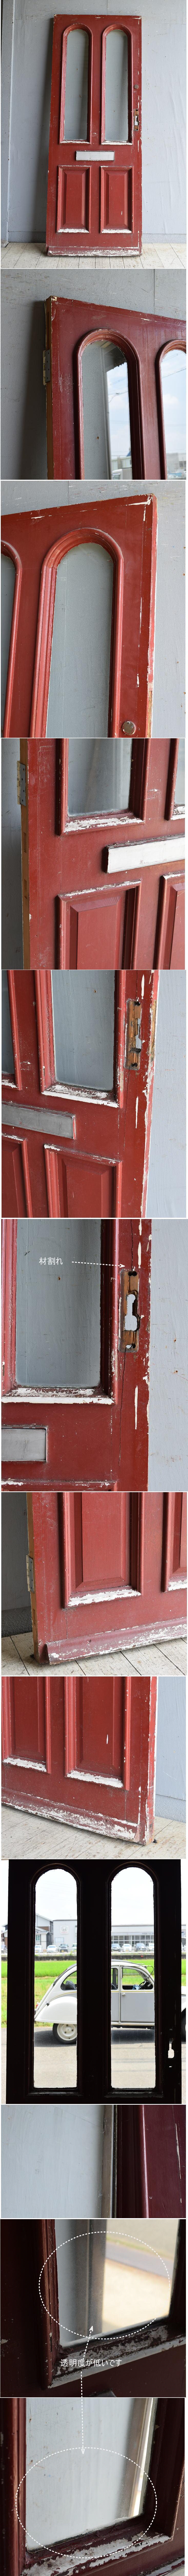 イギリス アンティーク ドア 扉 建具 8676